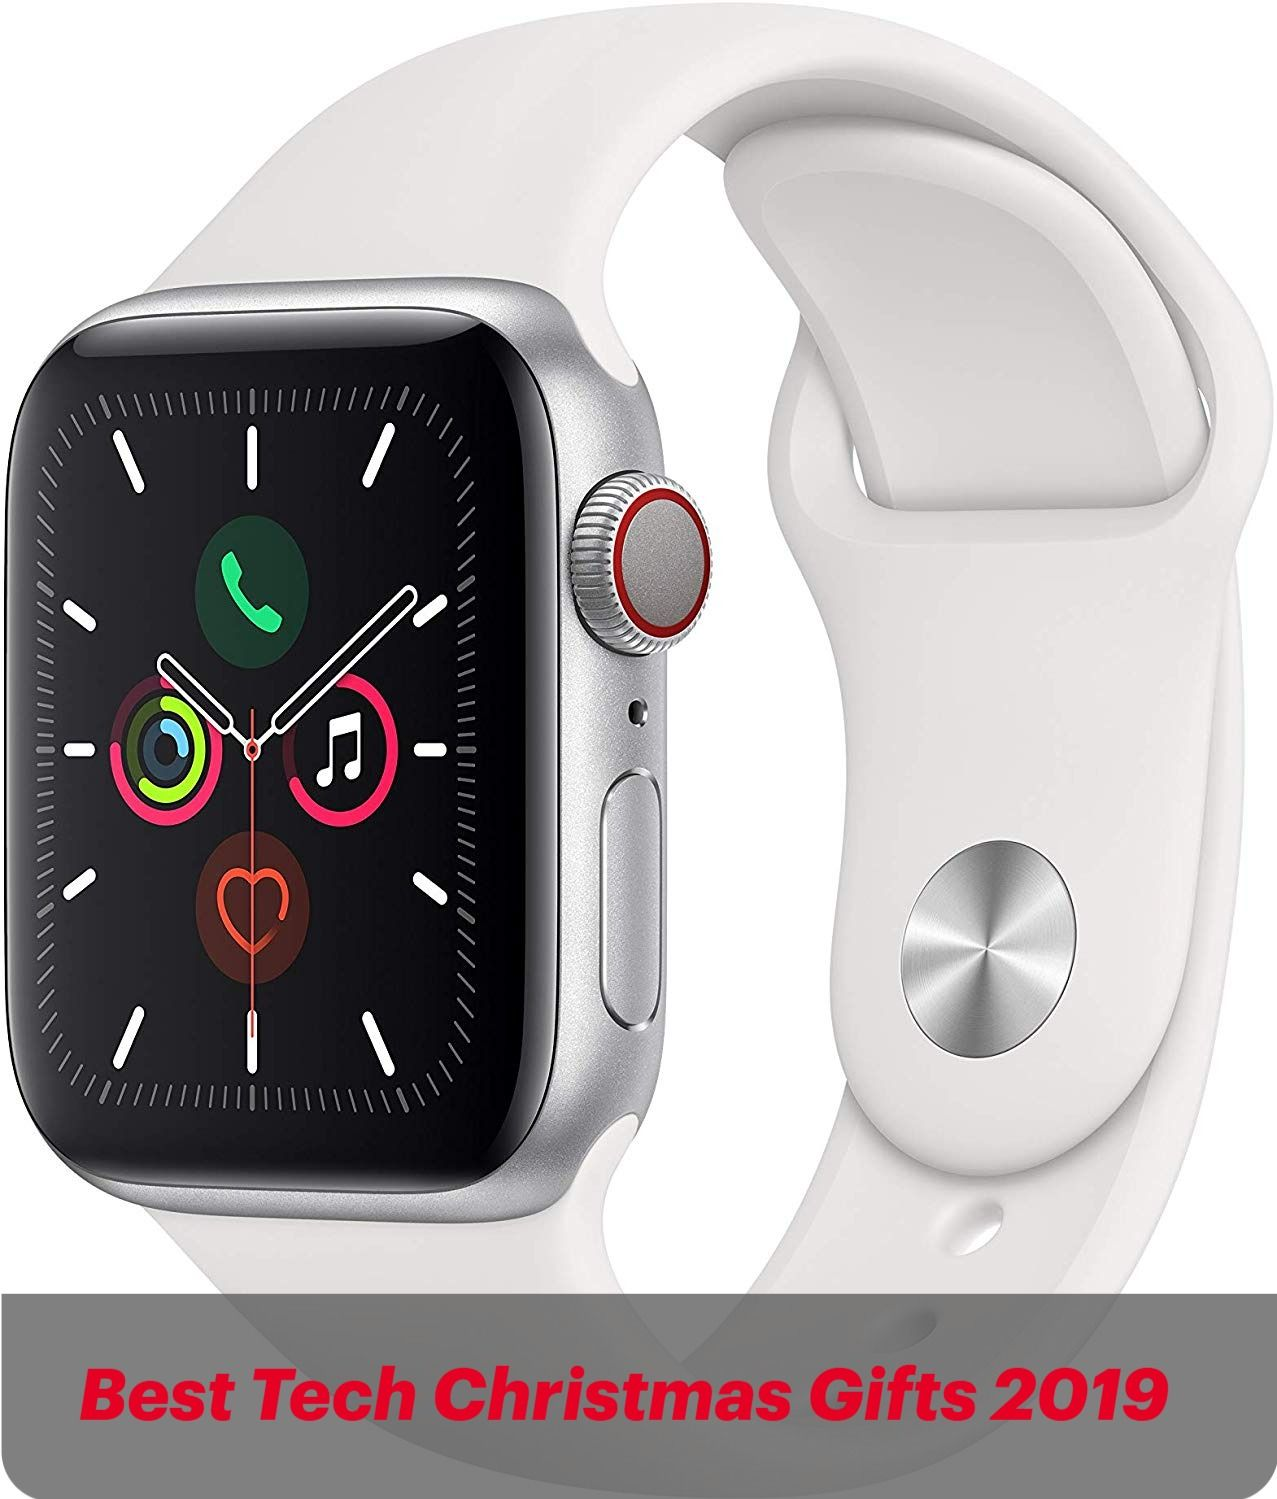 Apple Watch Series 5 – Best Tech Christmas Gifts 2019 | Cool tech